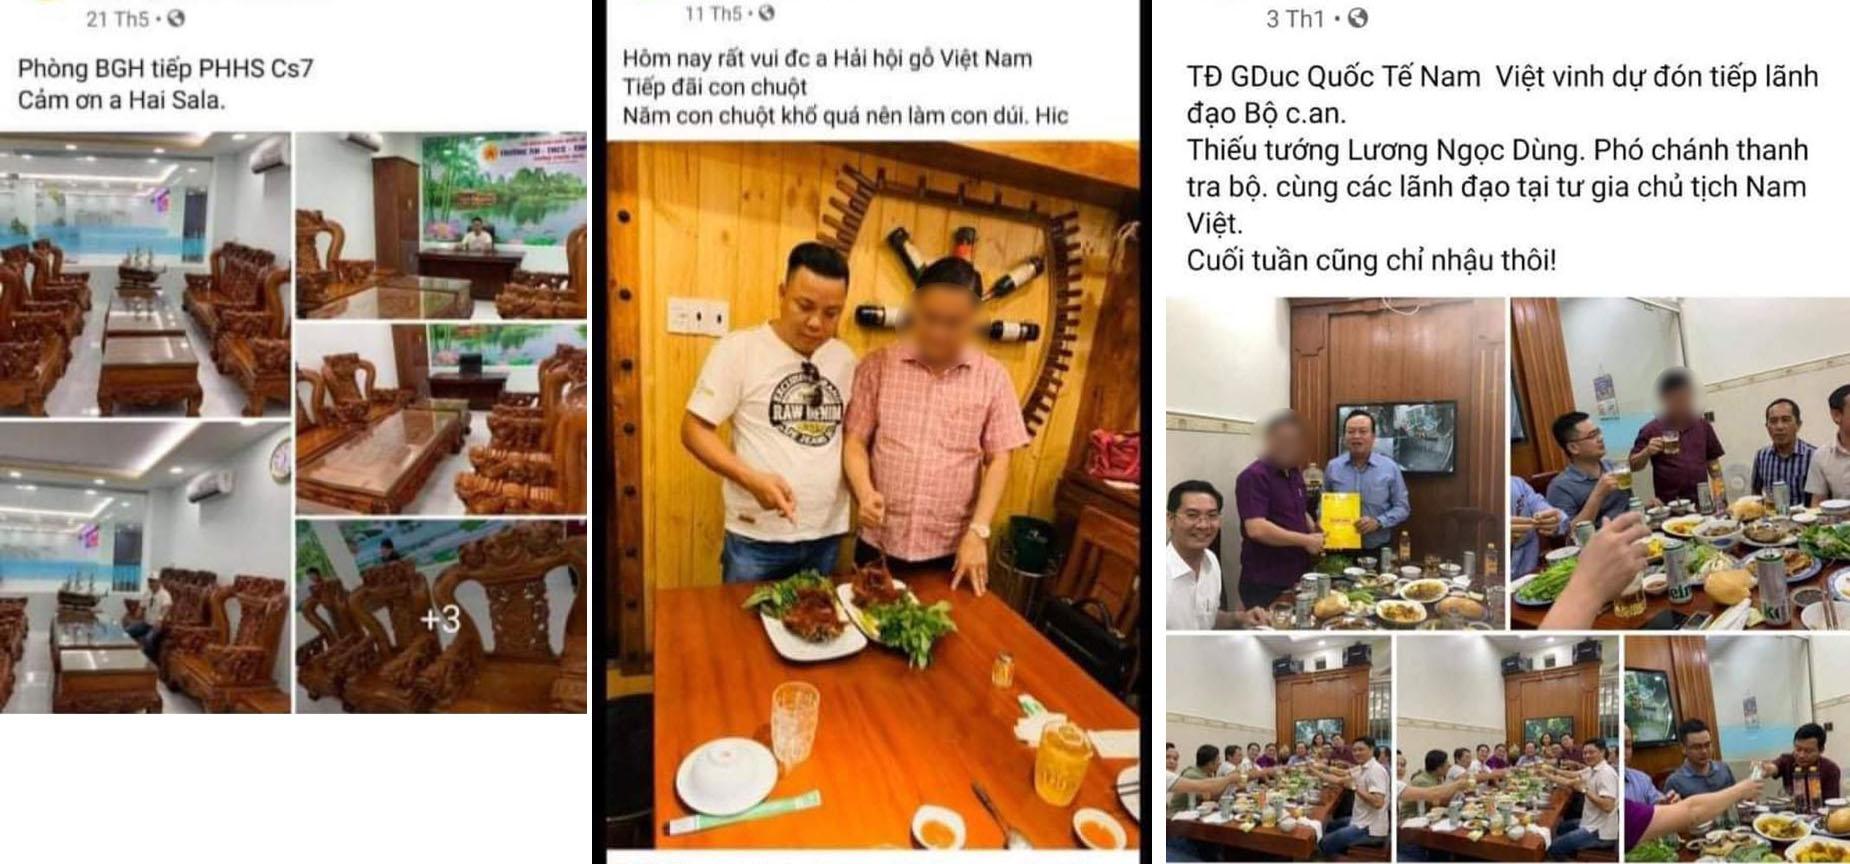 Trường Quốc tế Nam Việt: Nhà dột từ nóc, nghiêng từ móng - Ảnh 3